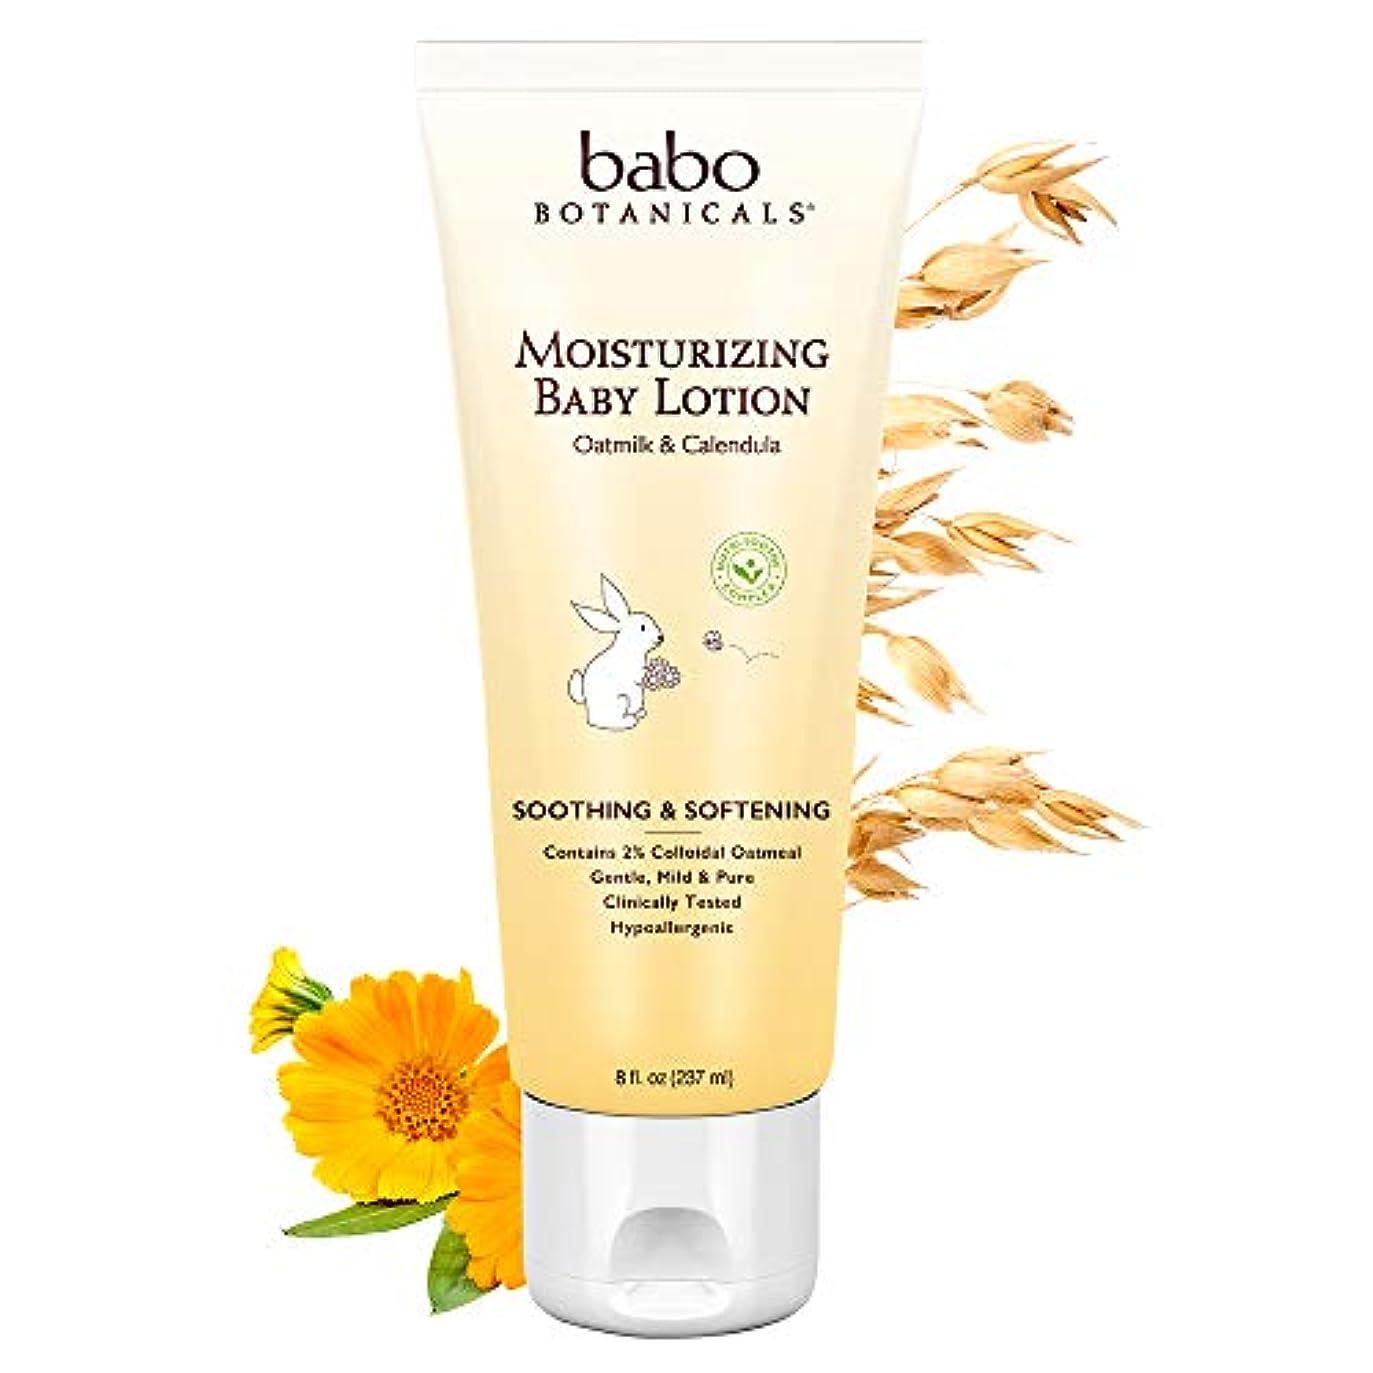 死傷者親密な倉庫Babo Botanicals Oatmilkカレンデュラ保湿ベビーローション、 - スージング敏感肌のためのベストのベビーローション。アトピー性皮膚炎を和らげるのに役立ちます。ナチュラルオーツとオーガニックカレンデュラ...